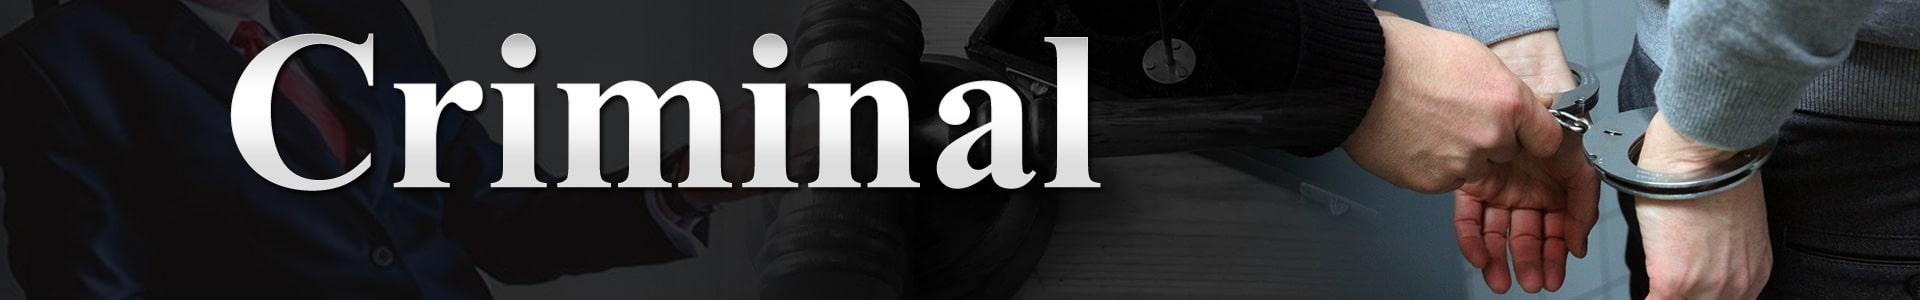 Criminal-Defense-Lawyer-Robert-Dodell-a